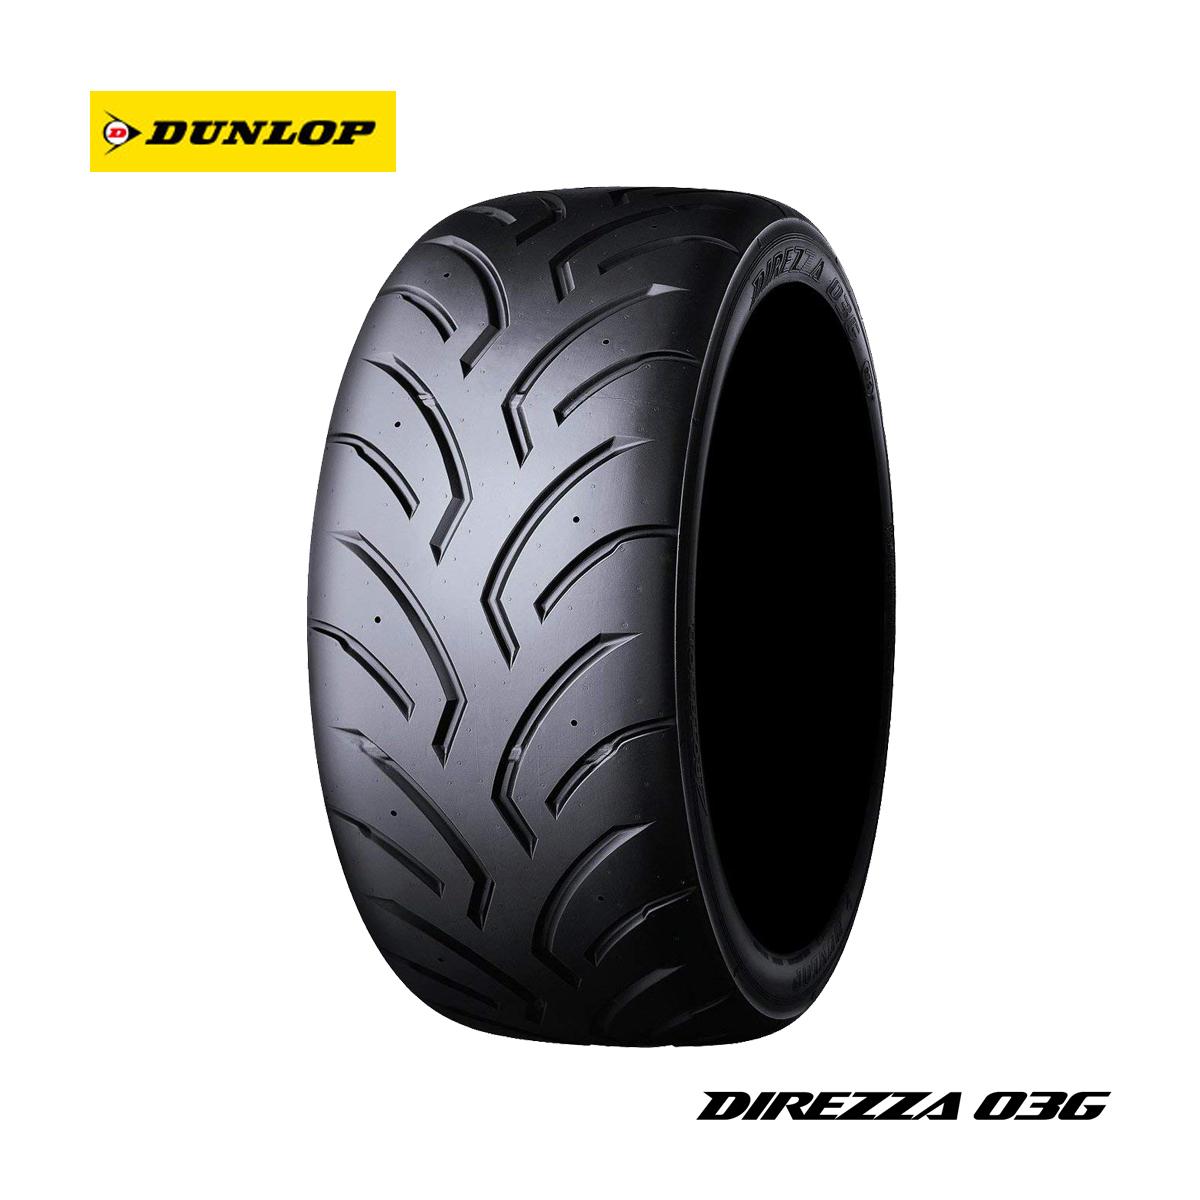 DUNLOP ダンロップ Sタイヤ ハイグリップ モータースポーツ 4本 セット 16インチ 225/45R16 DIREZZA ディレッツァ 03G コンパウンド R2